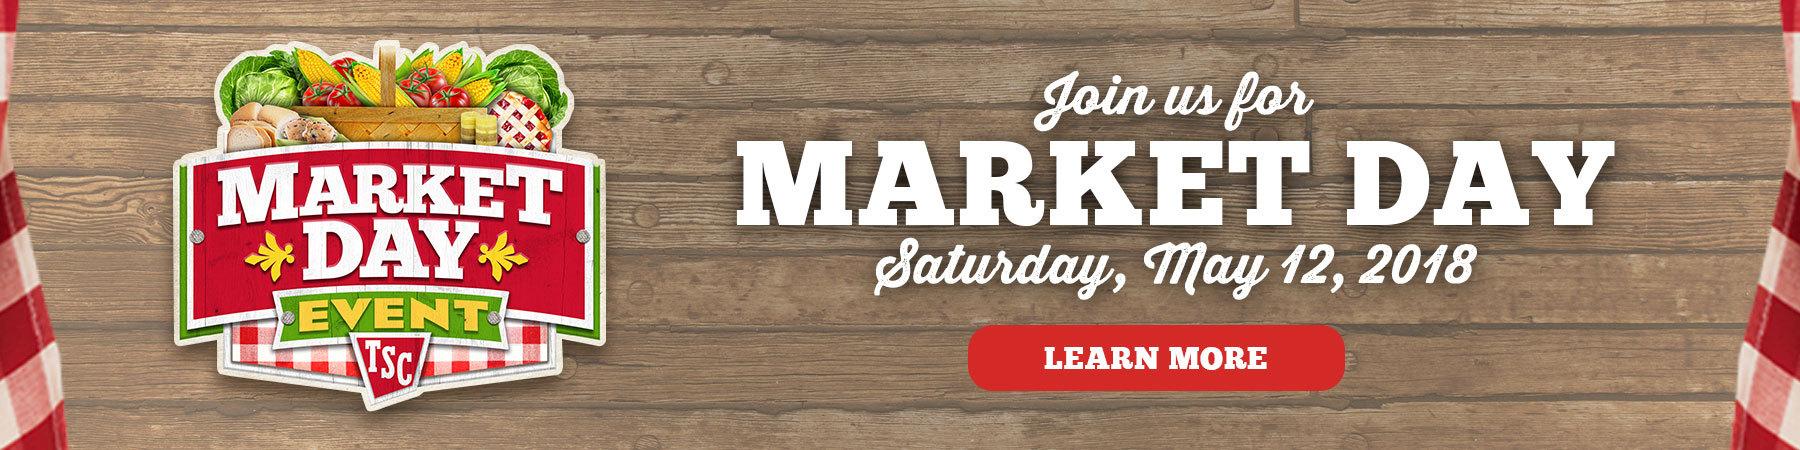 market-day-18-banner-updated-logo.jpg